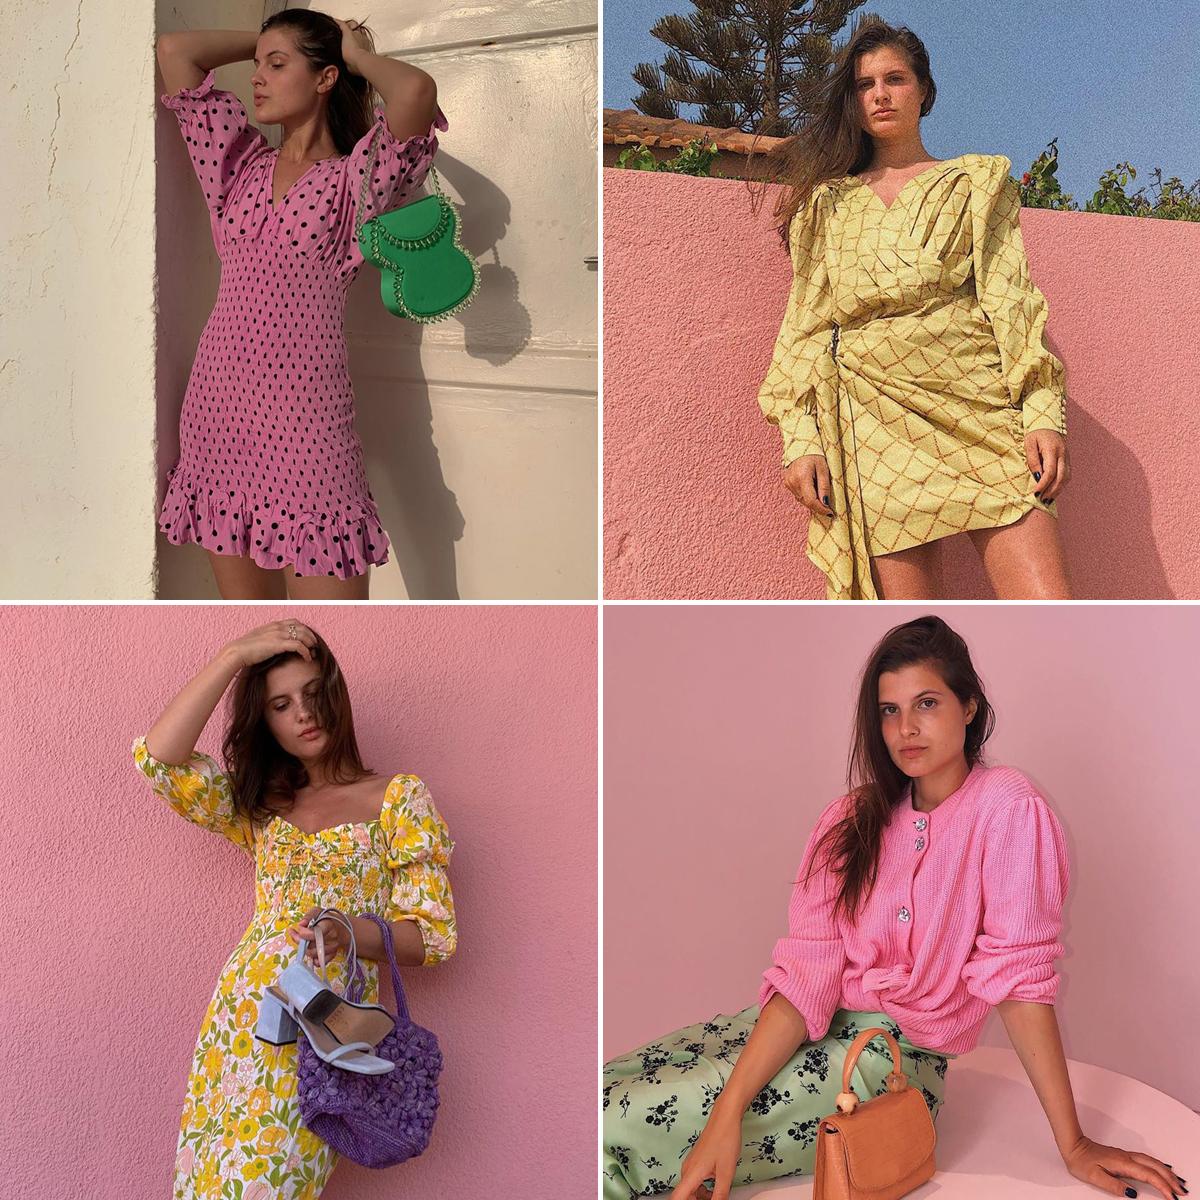 Phong cách thời trang Pháp của Alice Violier